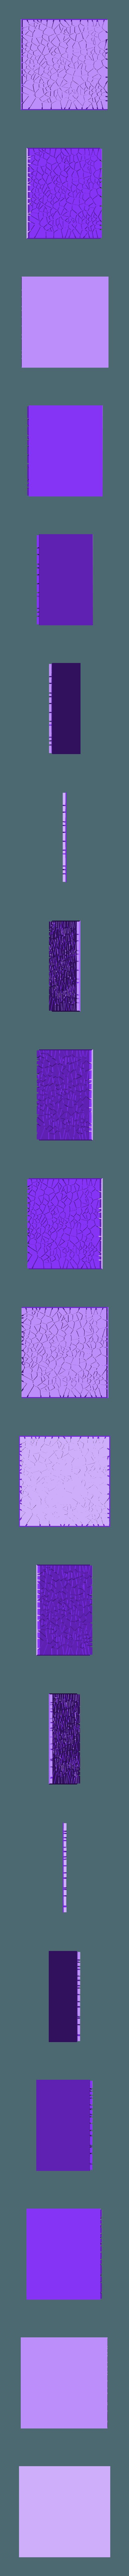 Cracked_paving_100mm_square_3.stl Télécharger fichier STL gratuit Dallage fissuré / Bases carrées à effet de lave pour la saga Dungeon, Kingd of war, Warhammer fantasy battle etc • Objet imprimable en 3D, redstarkits